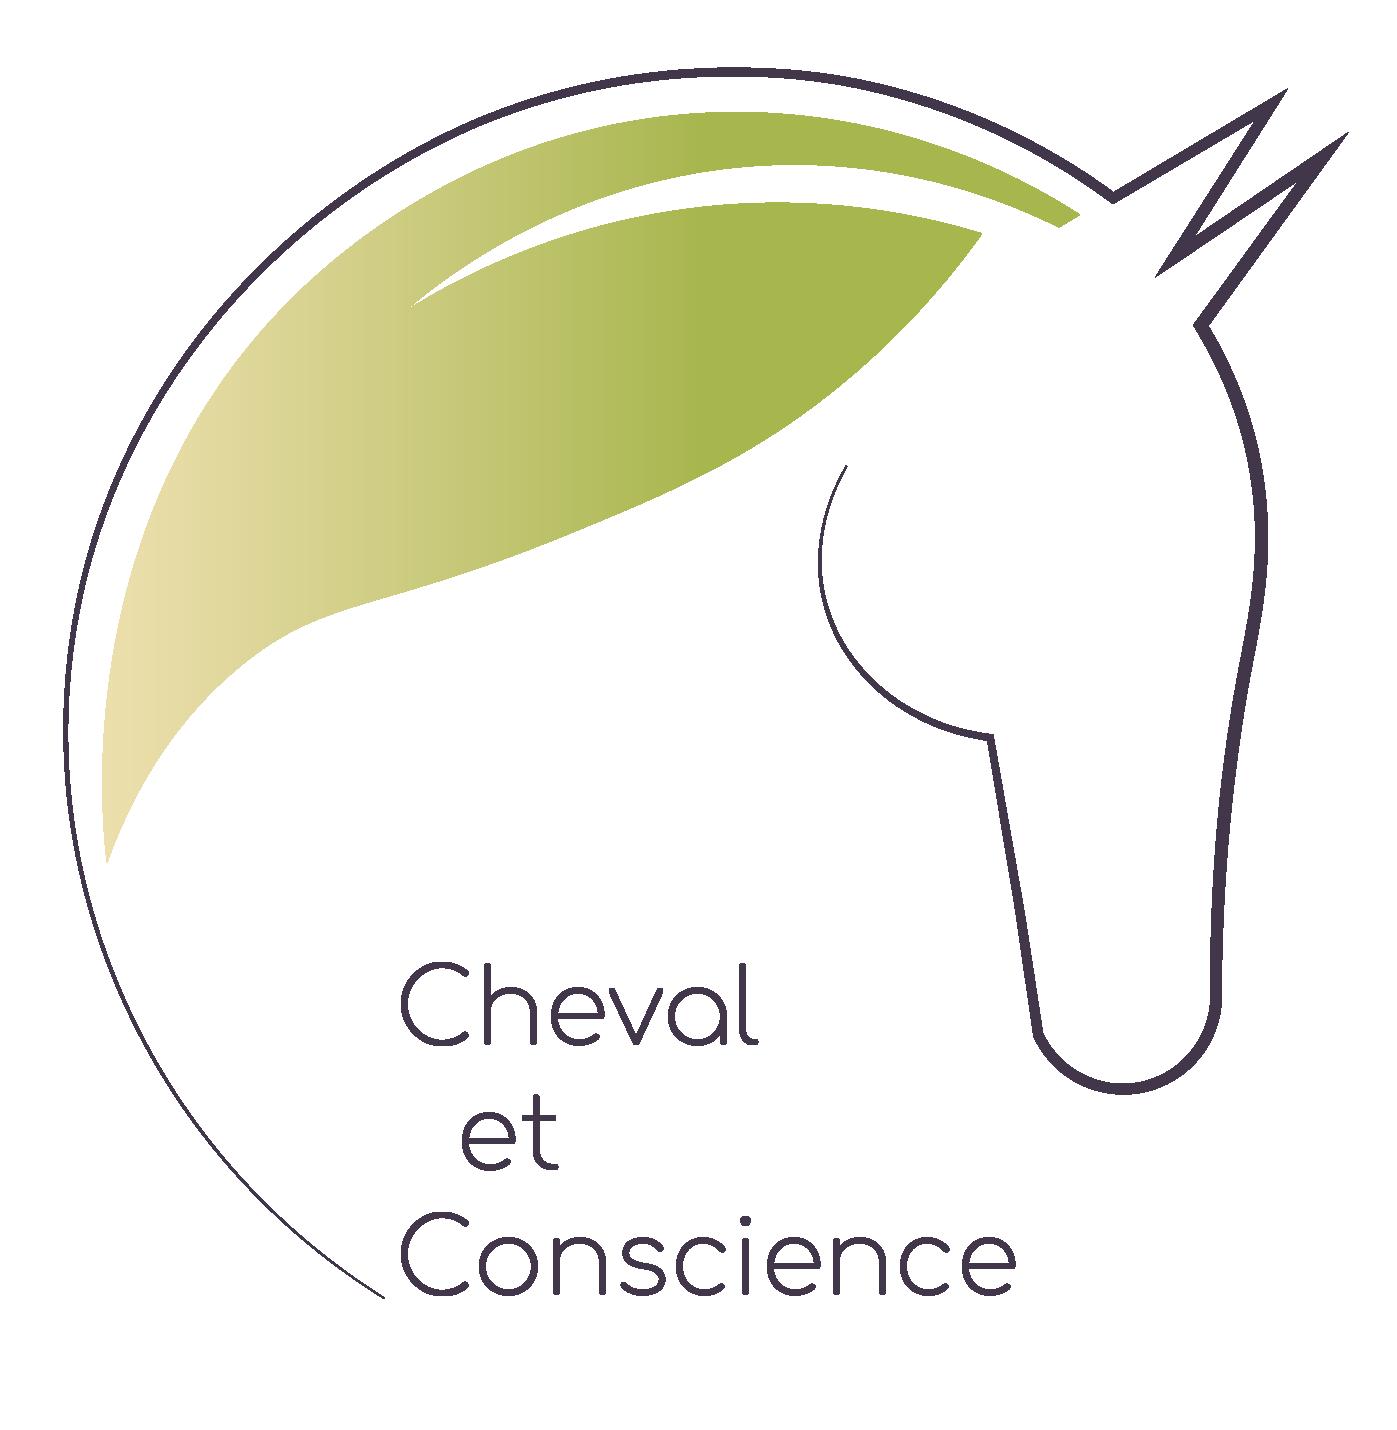 cheval et conscience-01-01